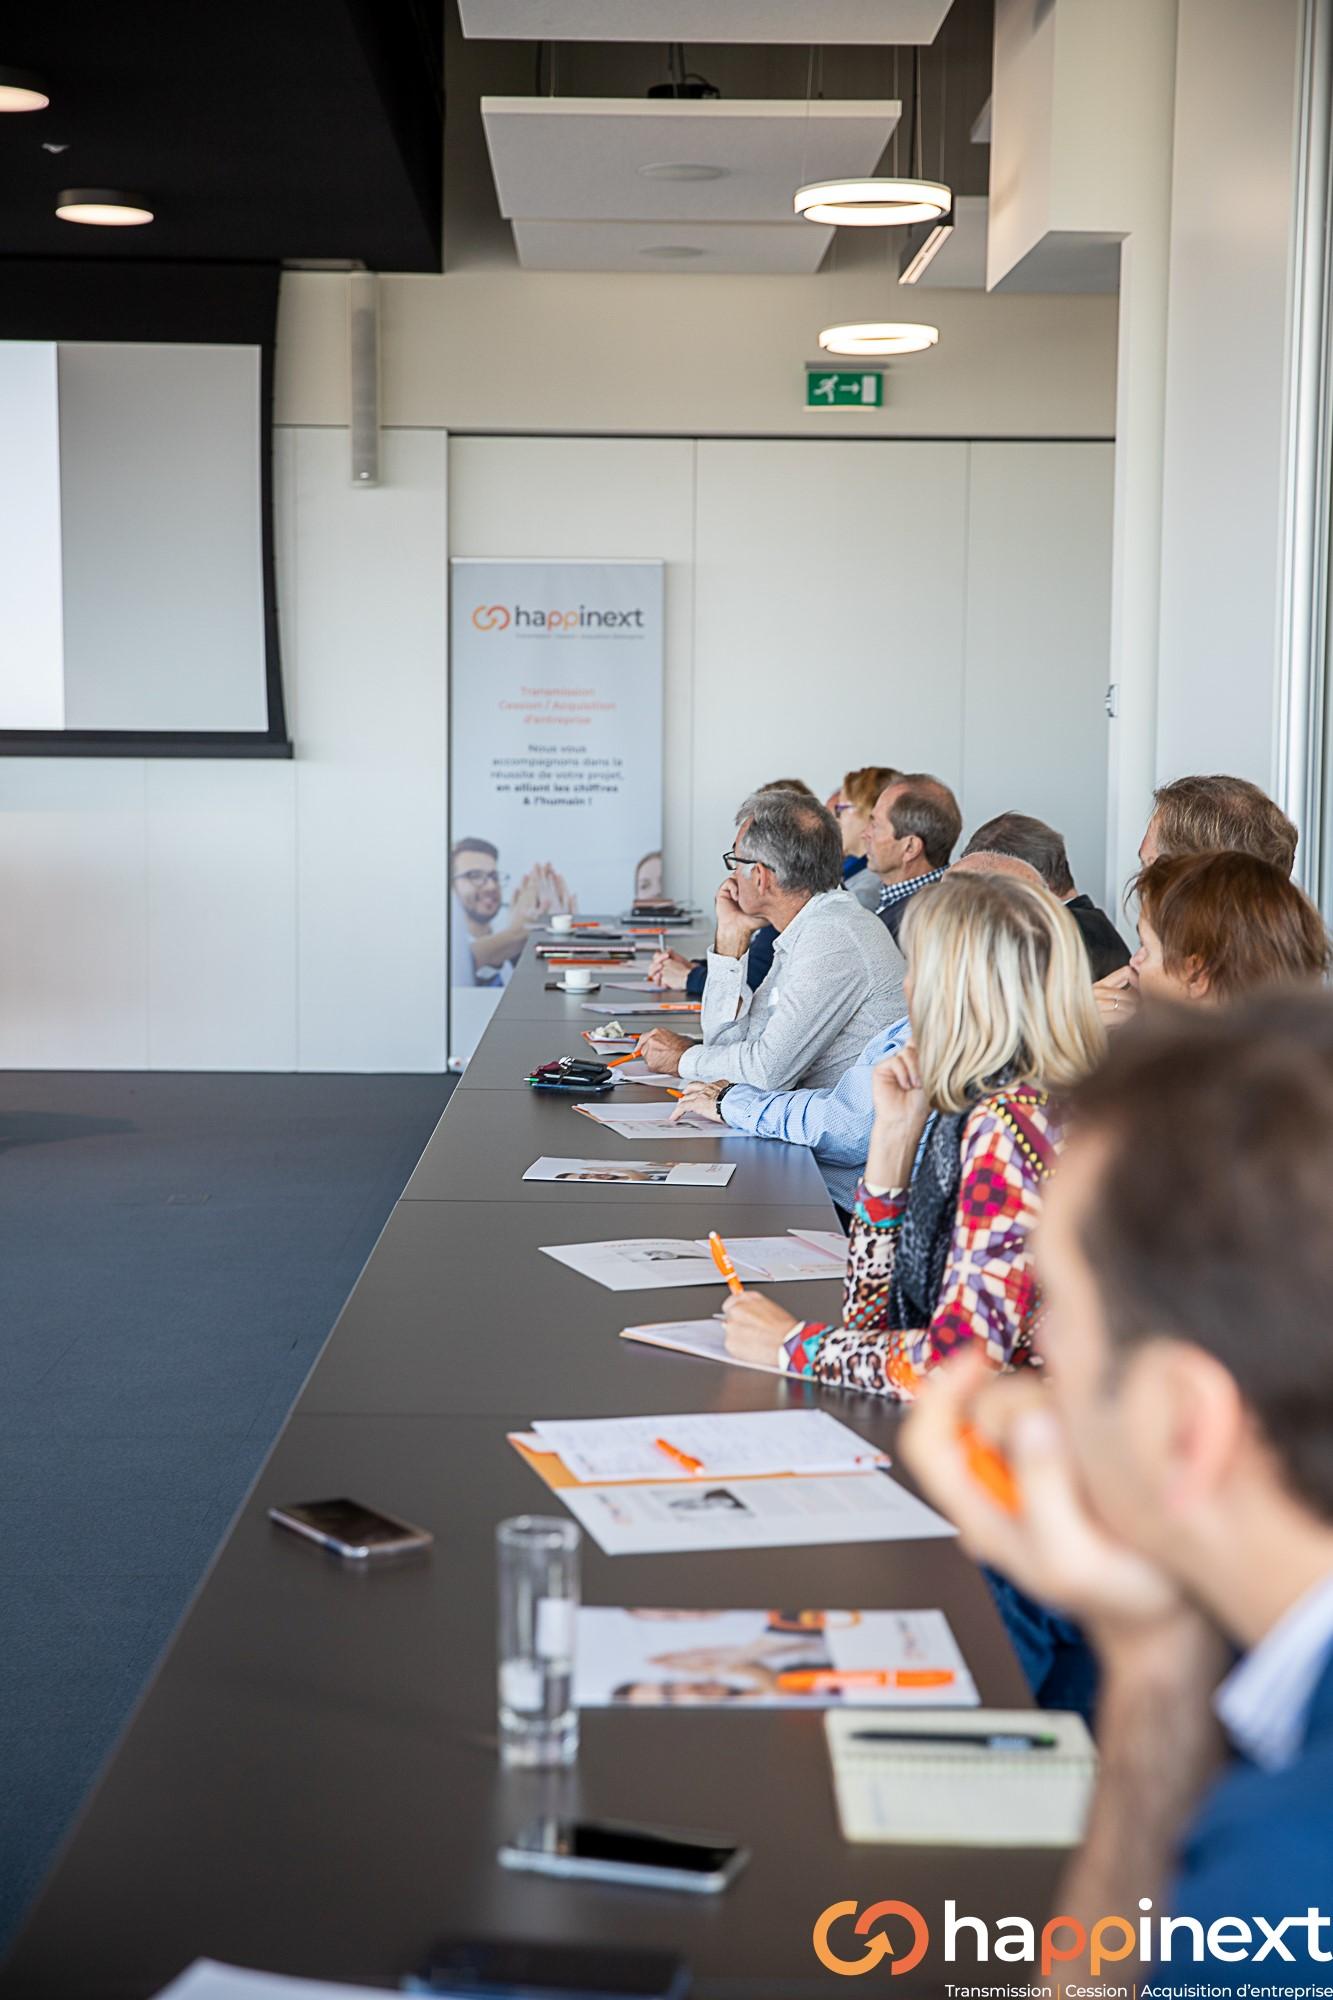 Cession et Acquisition d'entreprise Happinext Wallonie